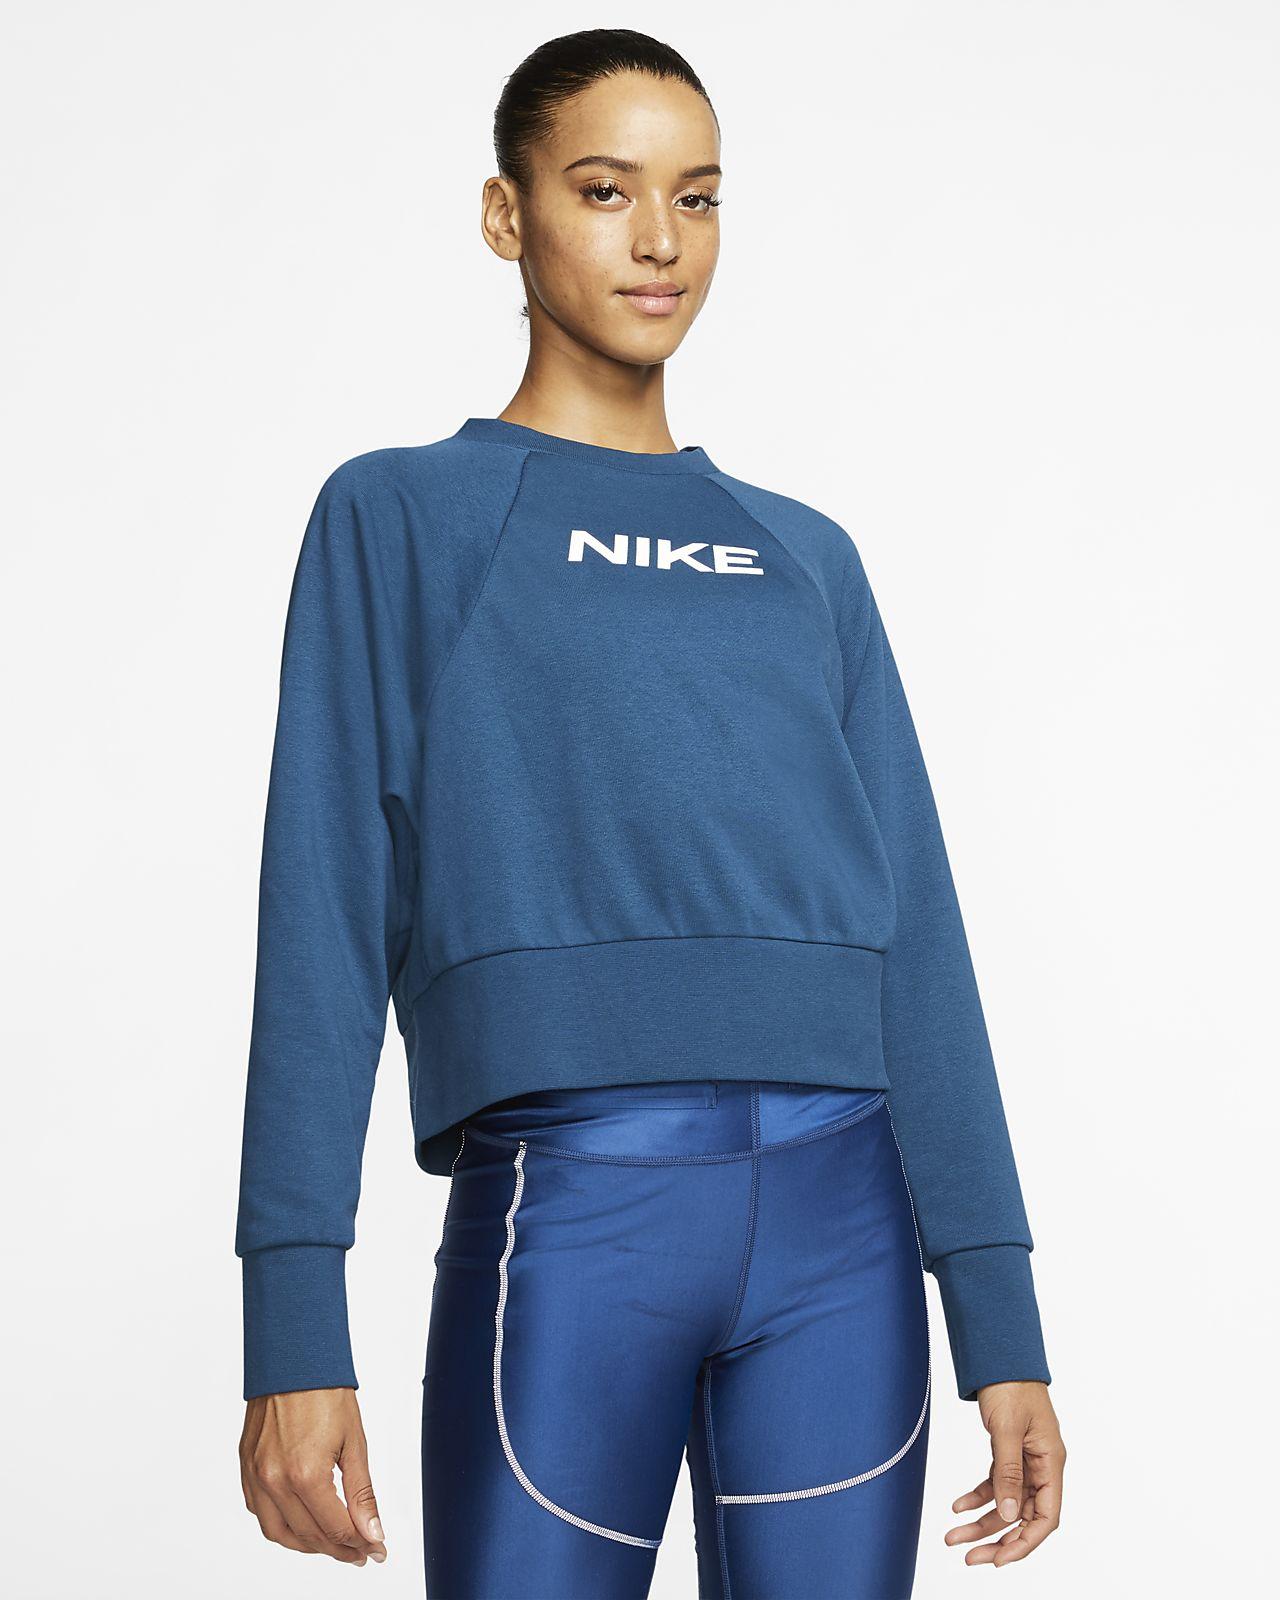 Nike Dri FIT Get Fit Sudadera de entrenamiento Mujer